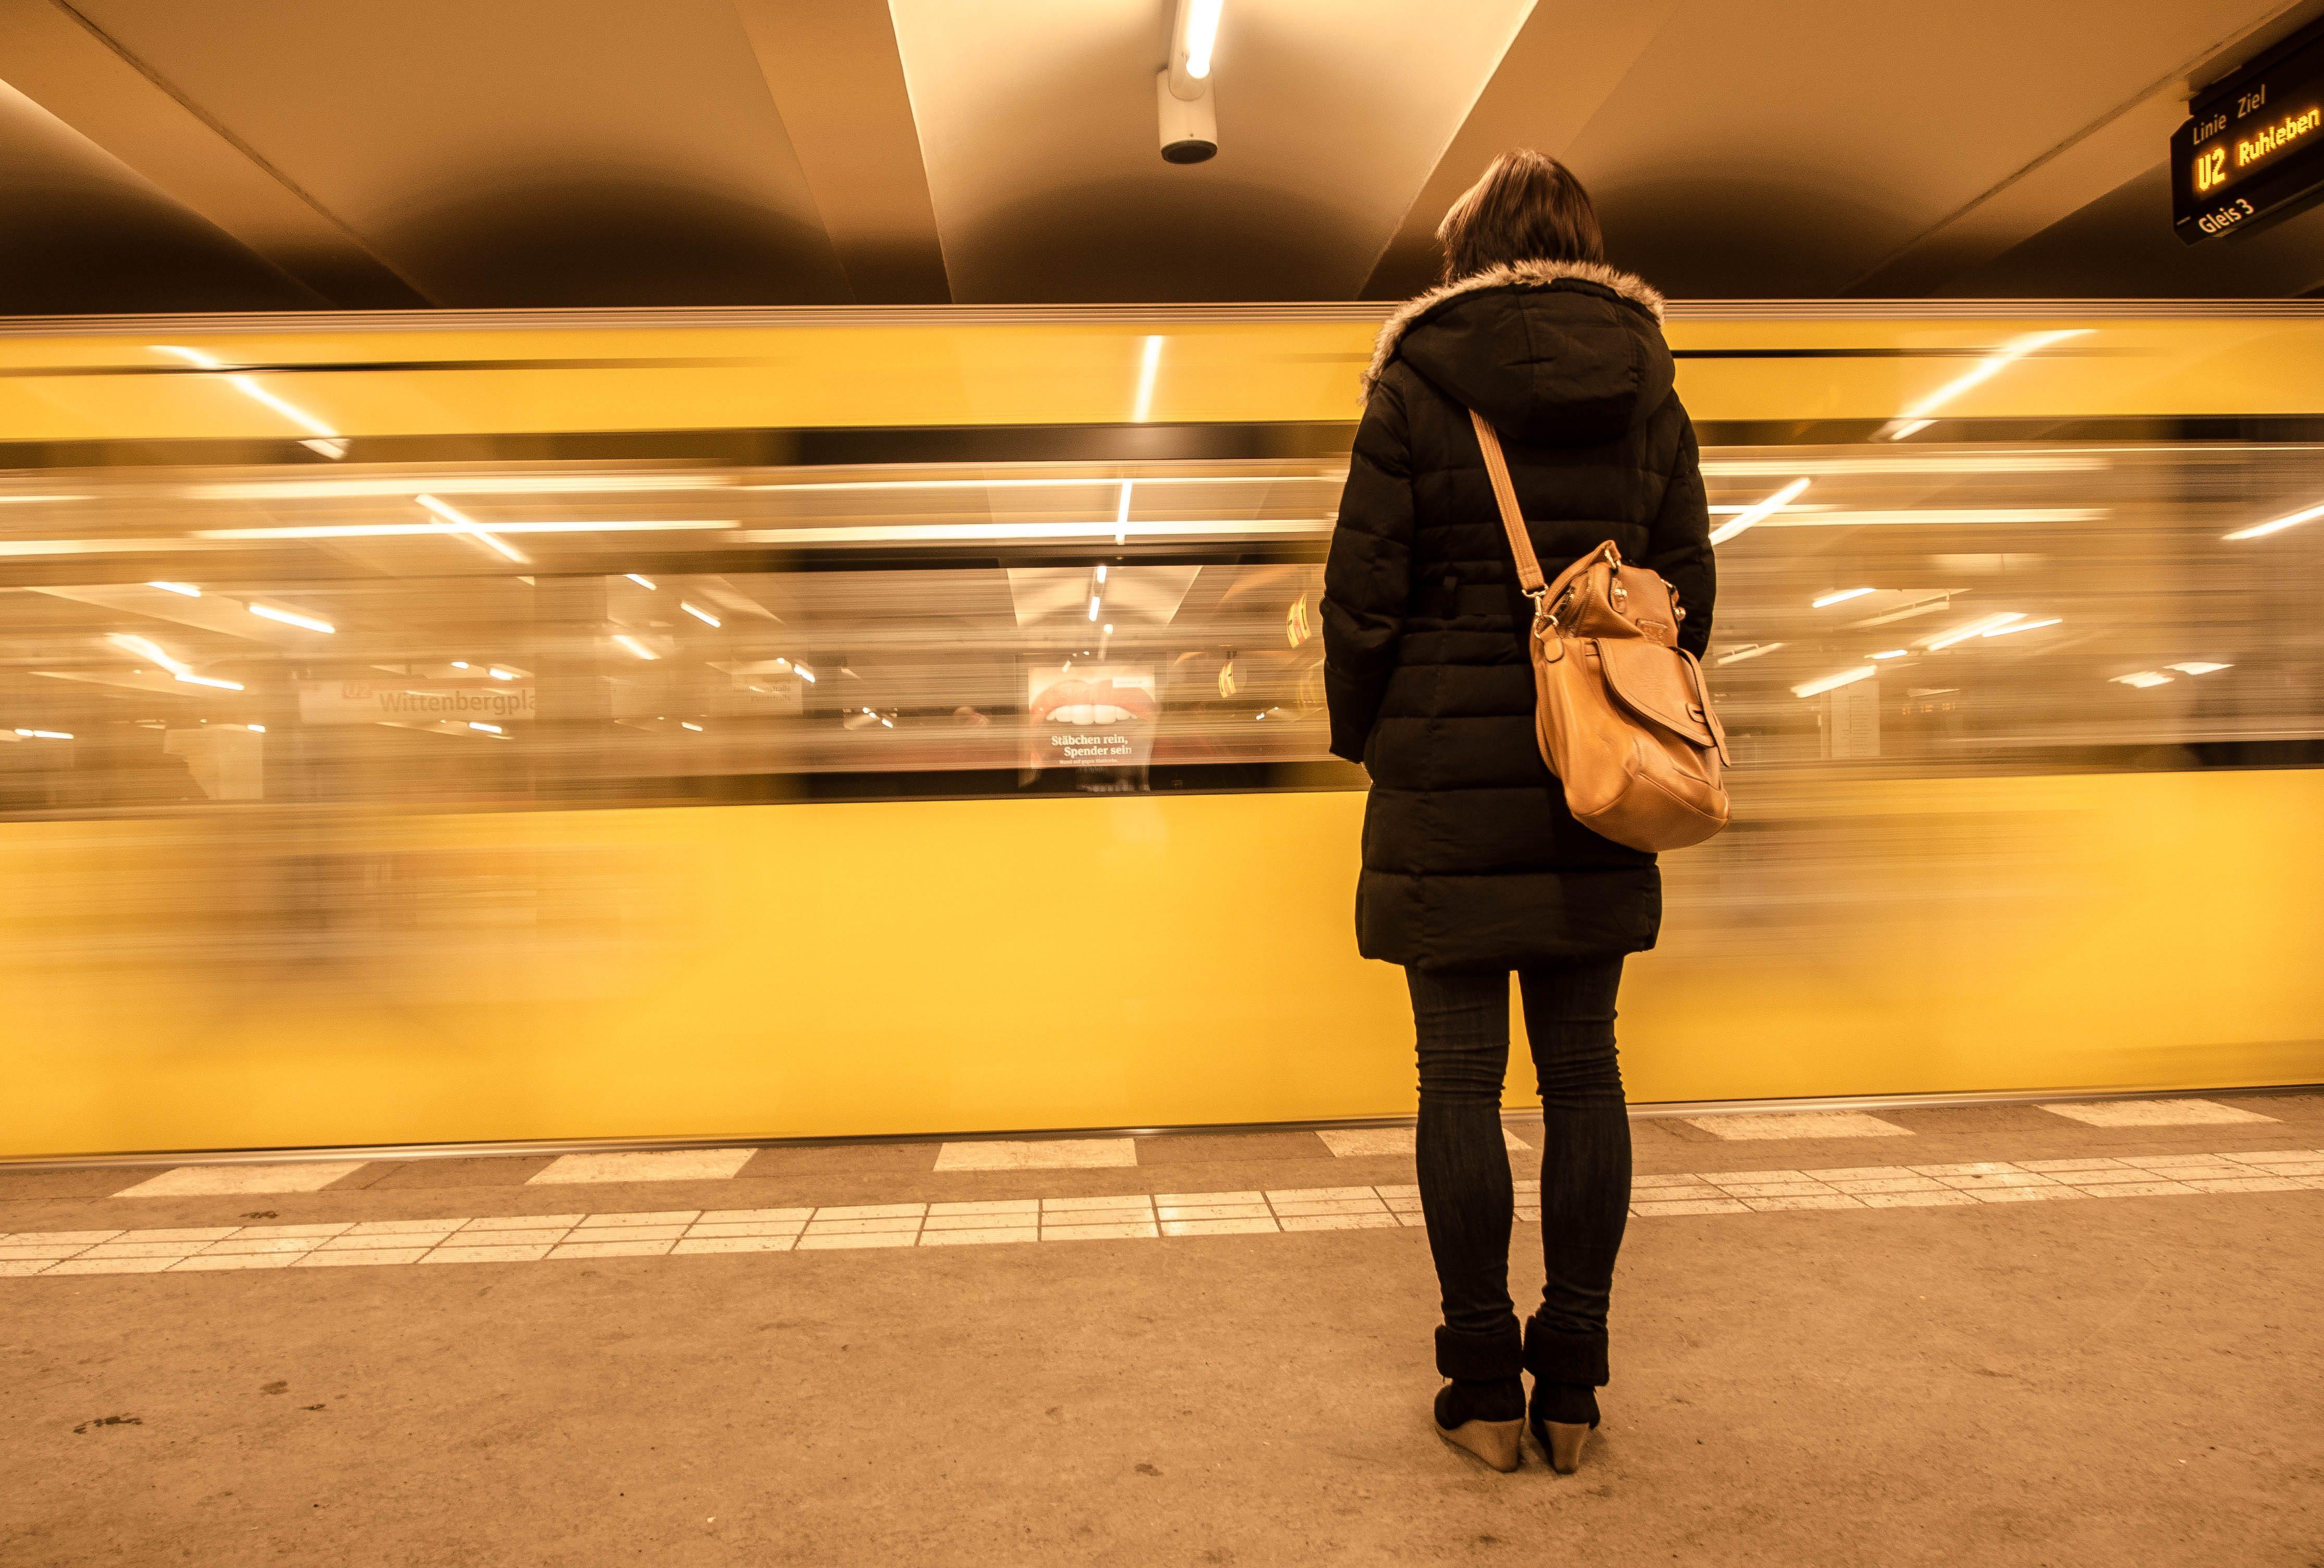 Mobilität und Gerechtigkeit: Eine Frau steht im Tunnelbahnhof vor der ausfahrenden Berliner U-Bahn.